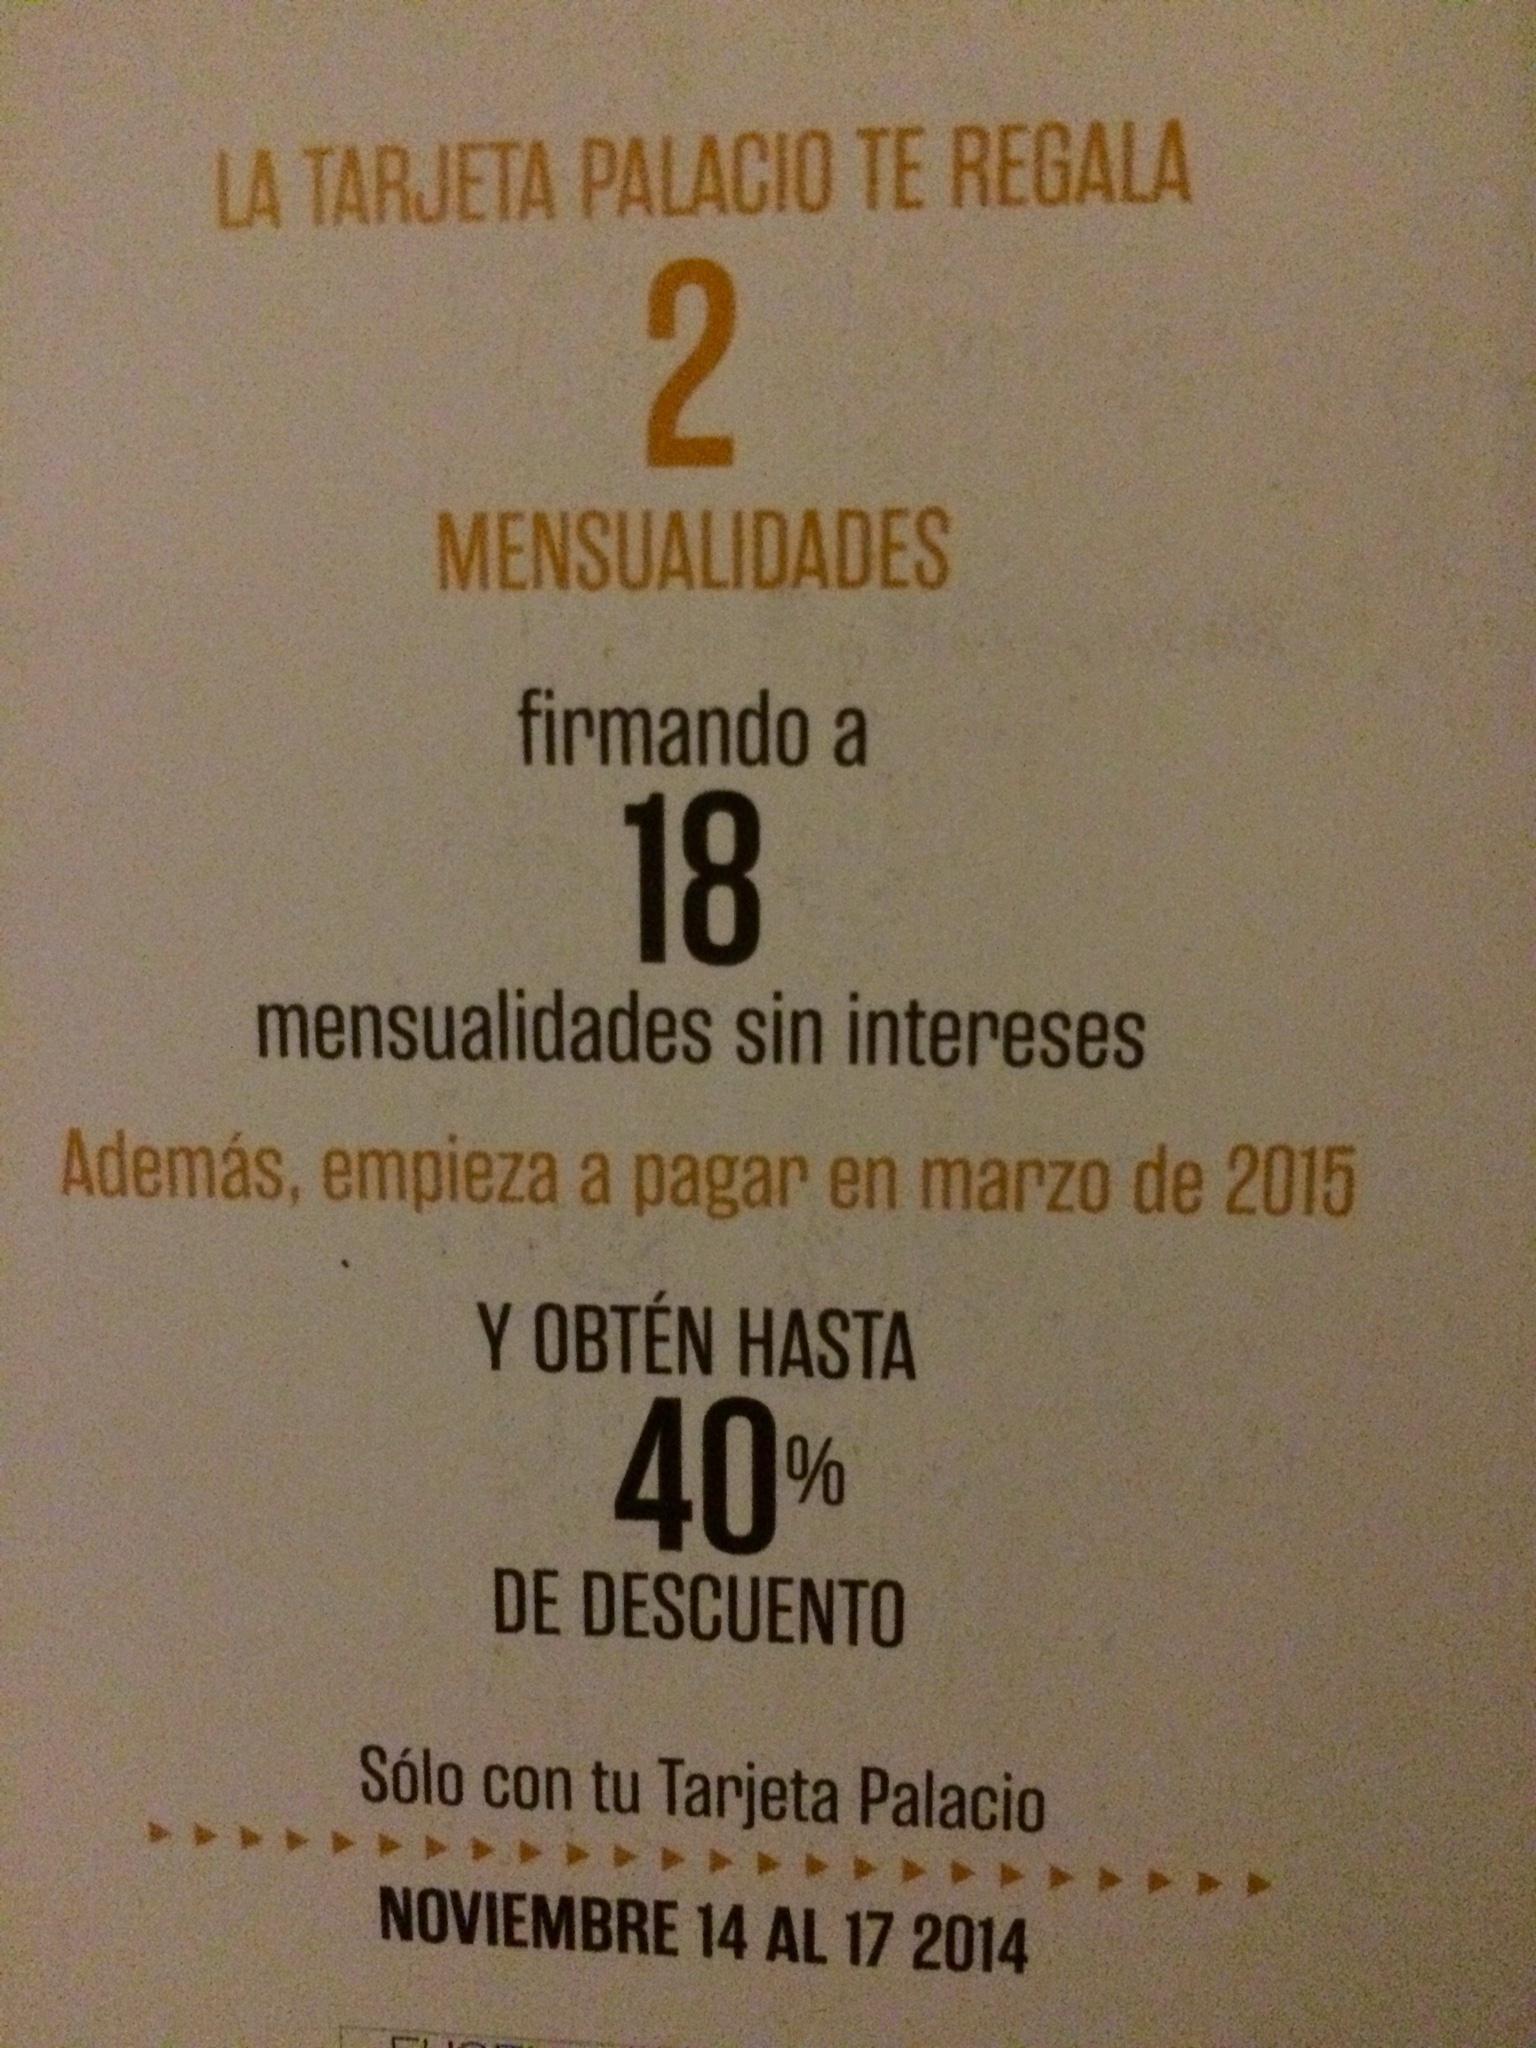 Ofertas del Buen Fin 2014 Palacio de Hierro